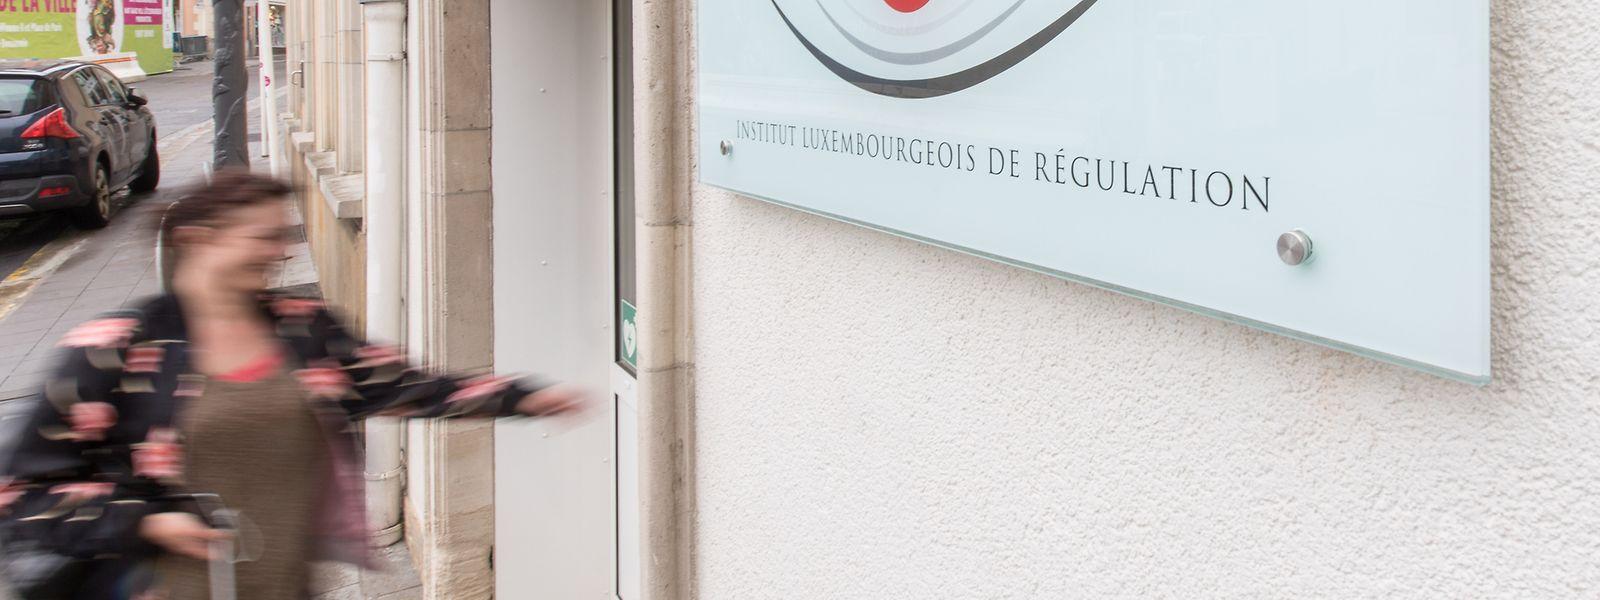 """Das """"Institut luxembourgeois de régulation"""" stellt fest, dass Verbraucher hierzulande nur selten ihren Anbieter wechseln."""